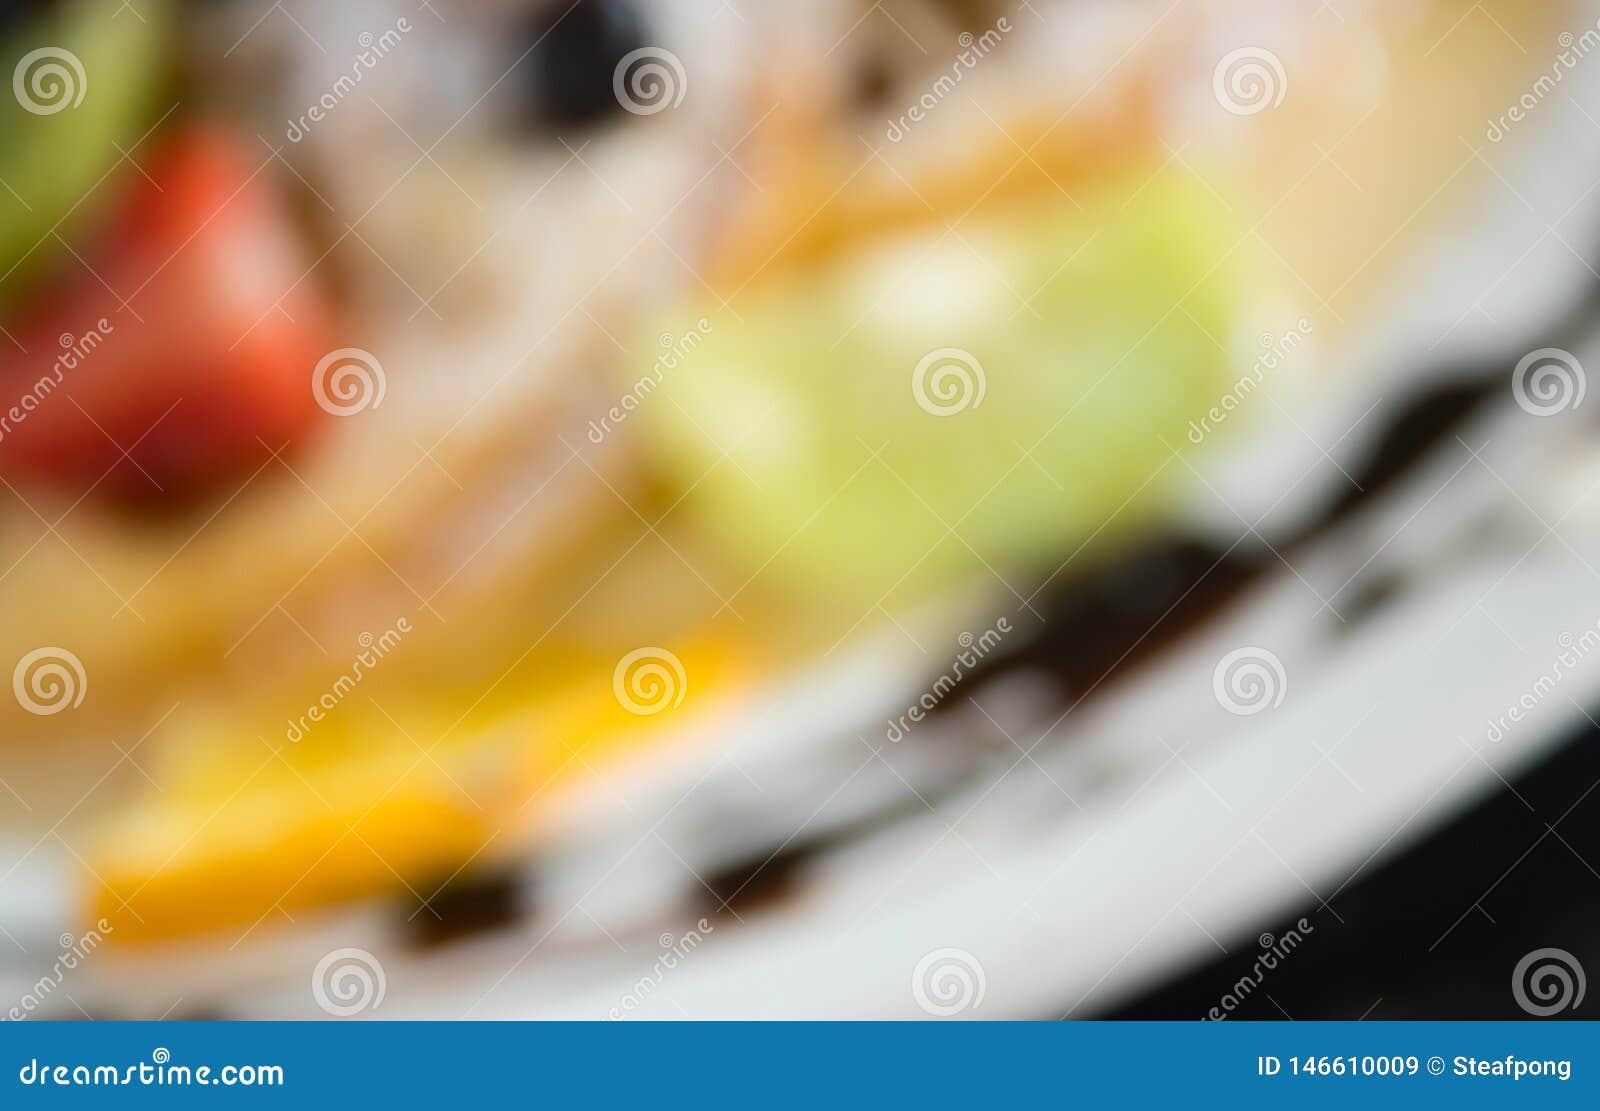 Θόλωμα του Fruity υποβάθρου επιδορπίων βαφλών ακτινίδιων ύφους για το σχέδιο